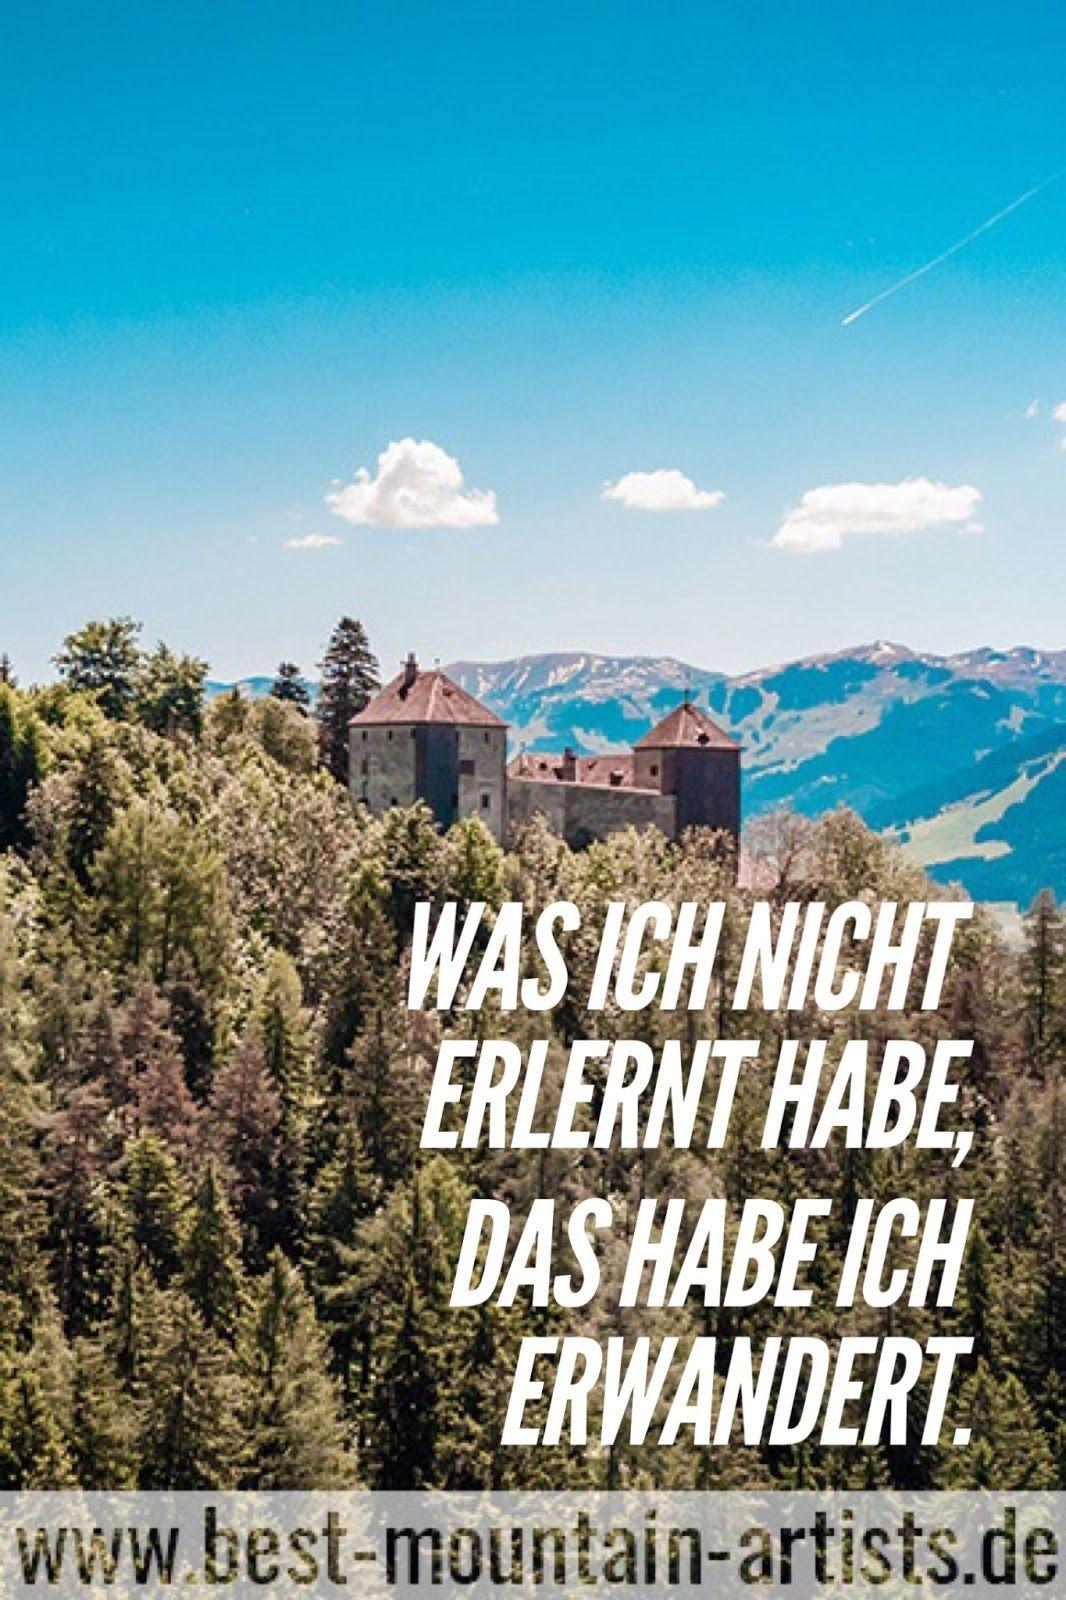 Die 100 Besten Wanderzitate Zitate Zu Wandern Berge Reisen Und Natur In 2020 Zitat Wand Outdoor Zitate Berge